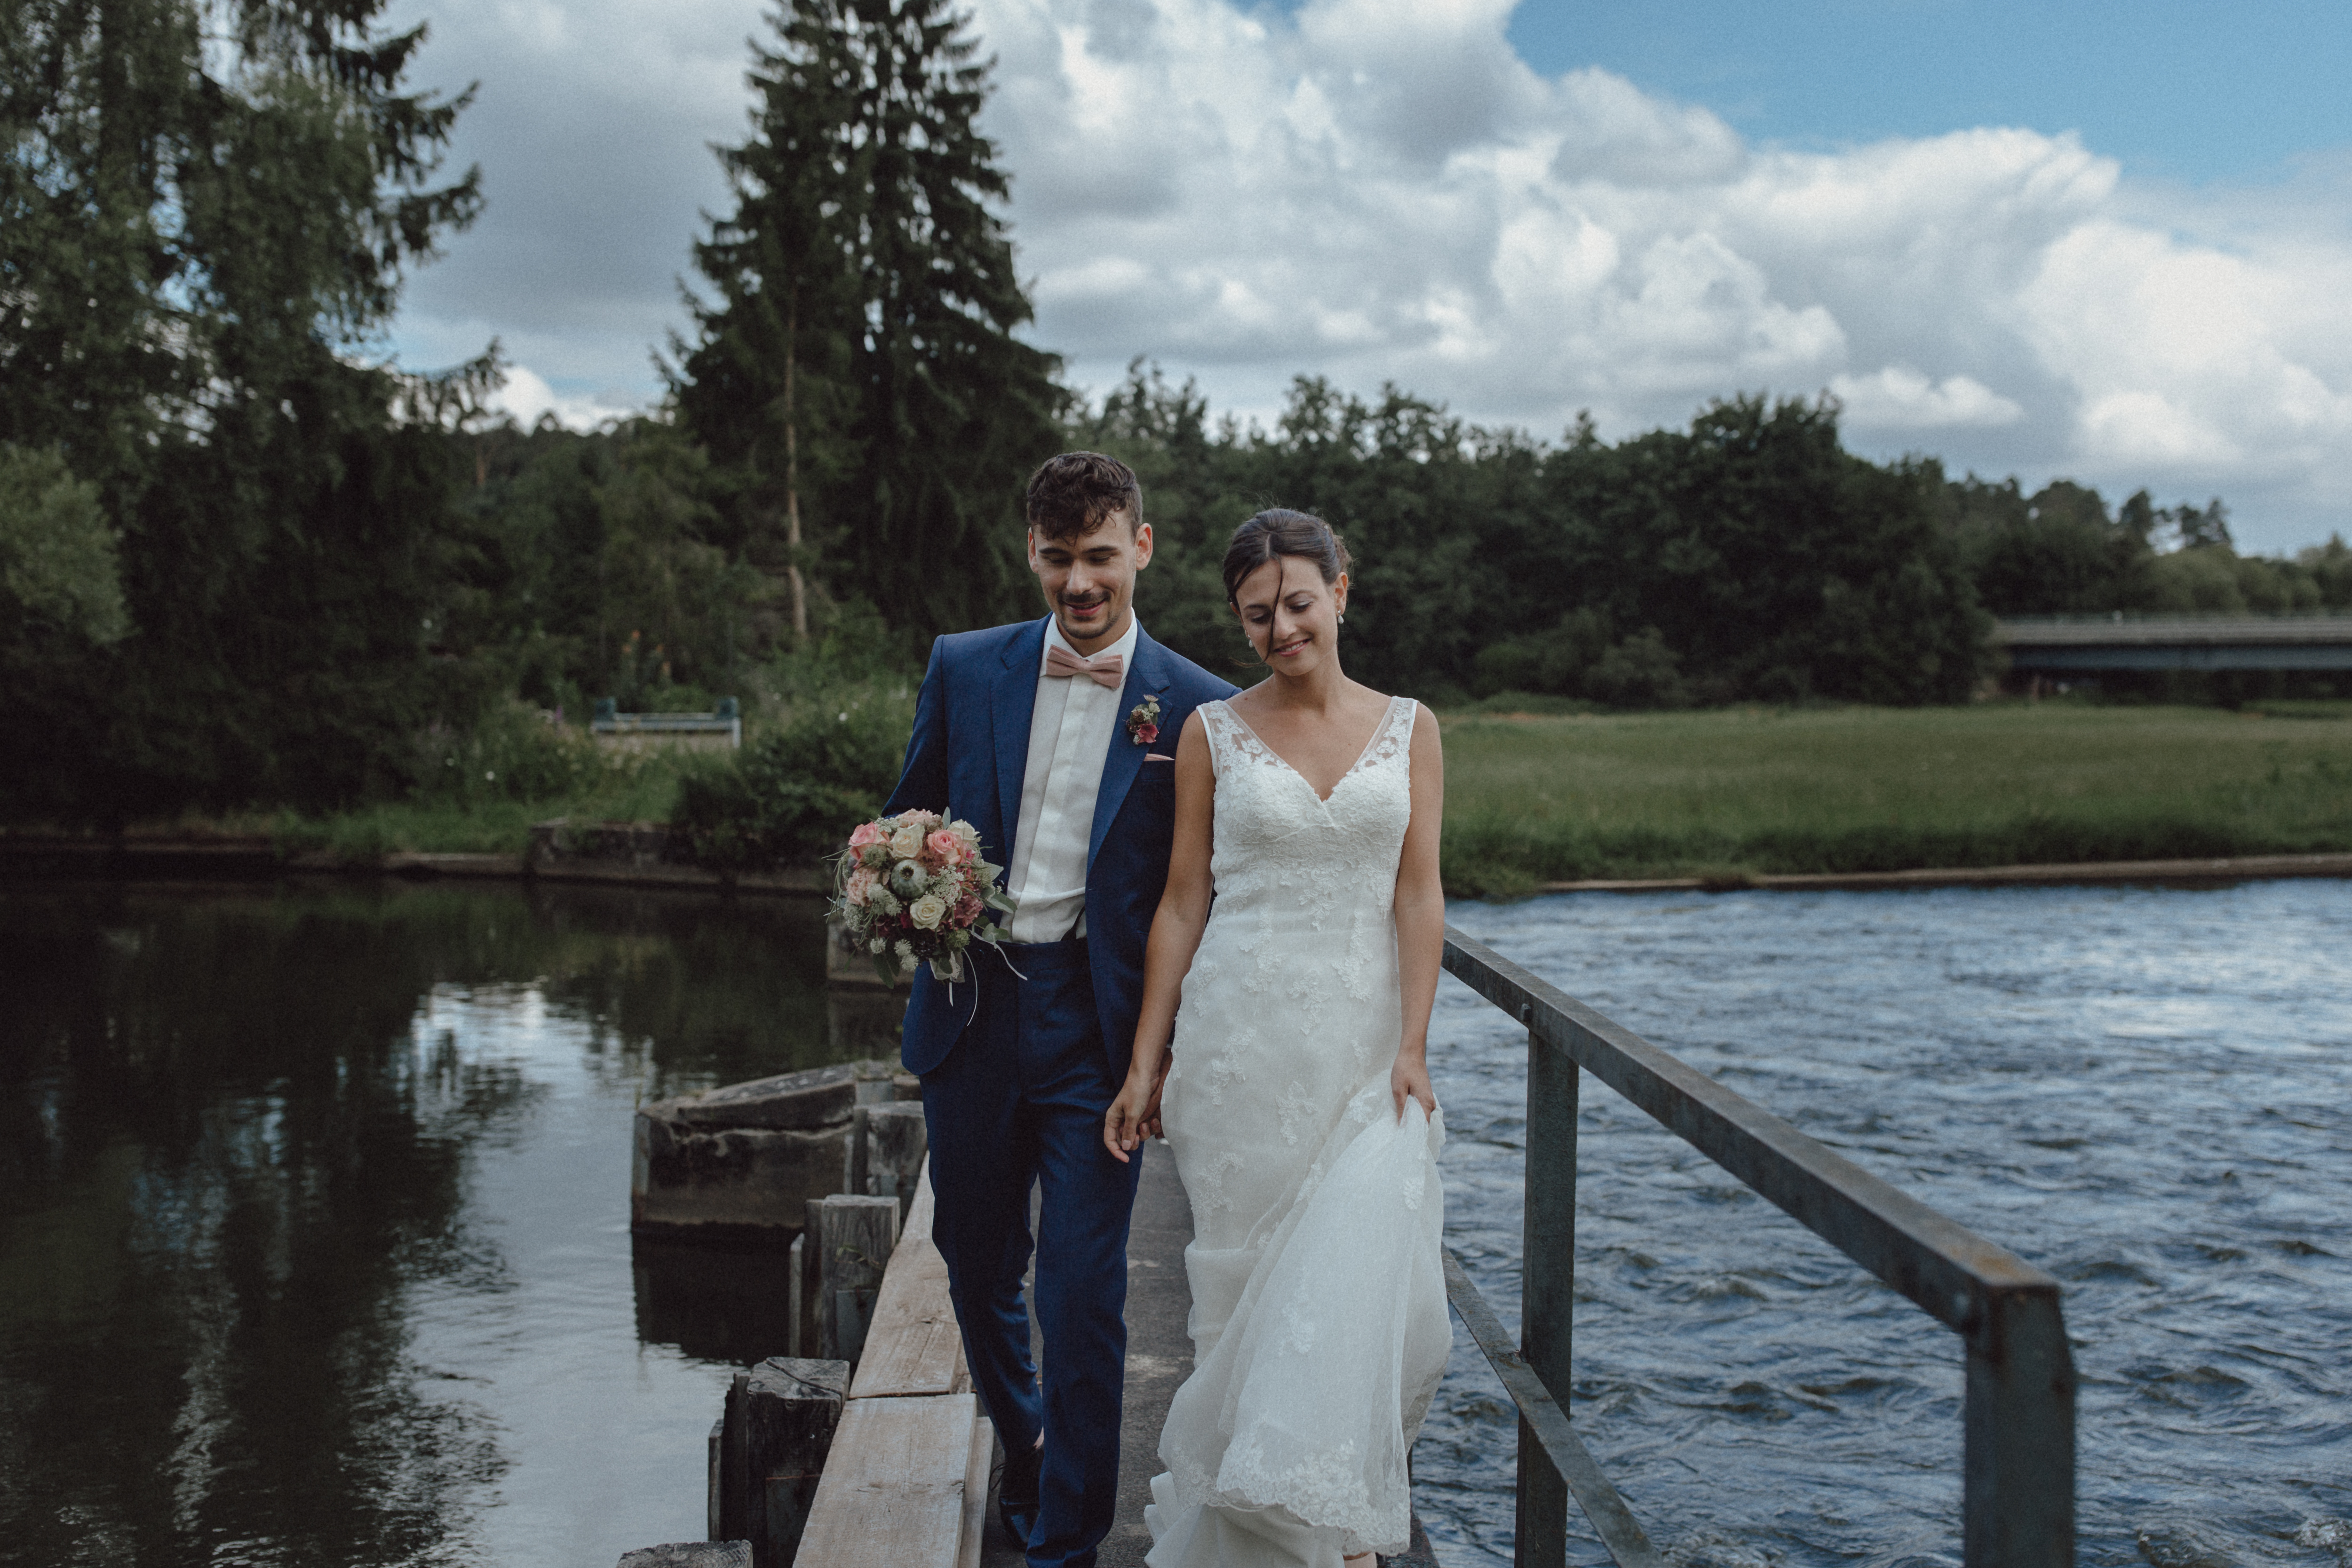 URBANERIE_Hochzeitsfotografin_Nürnberg_Fürth_Erlangen_Schwabach_170715_001_0028